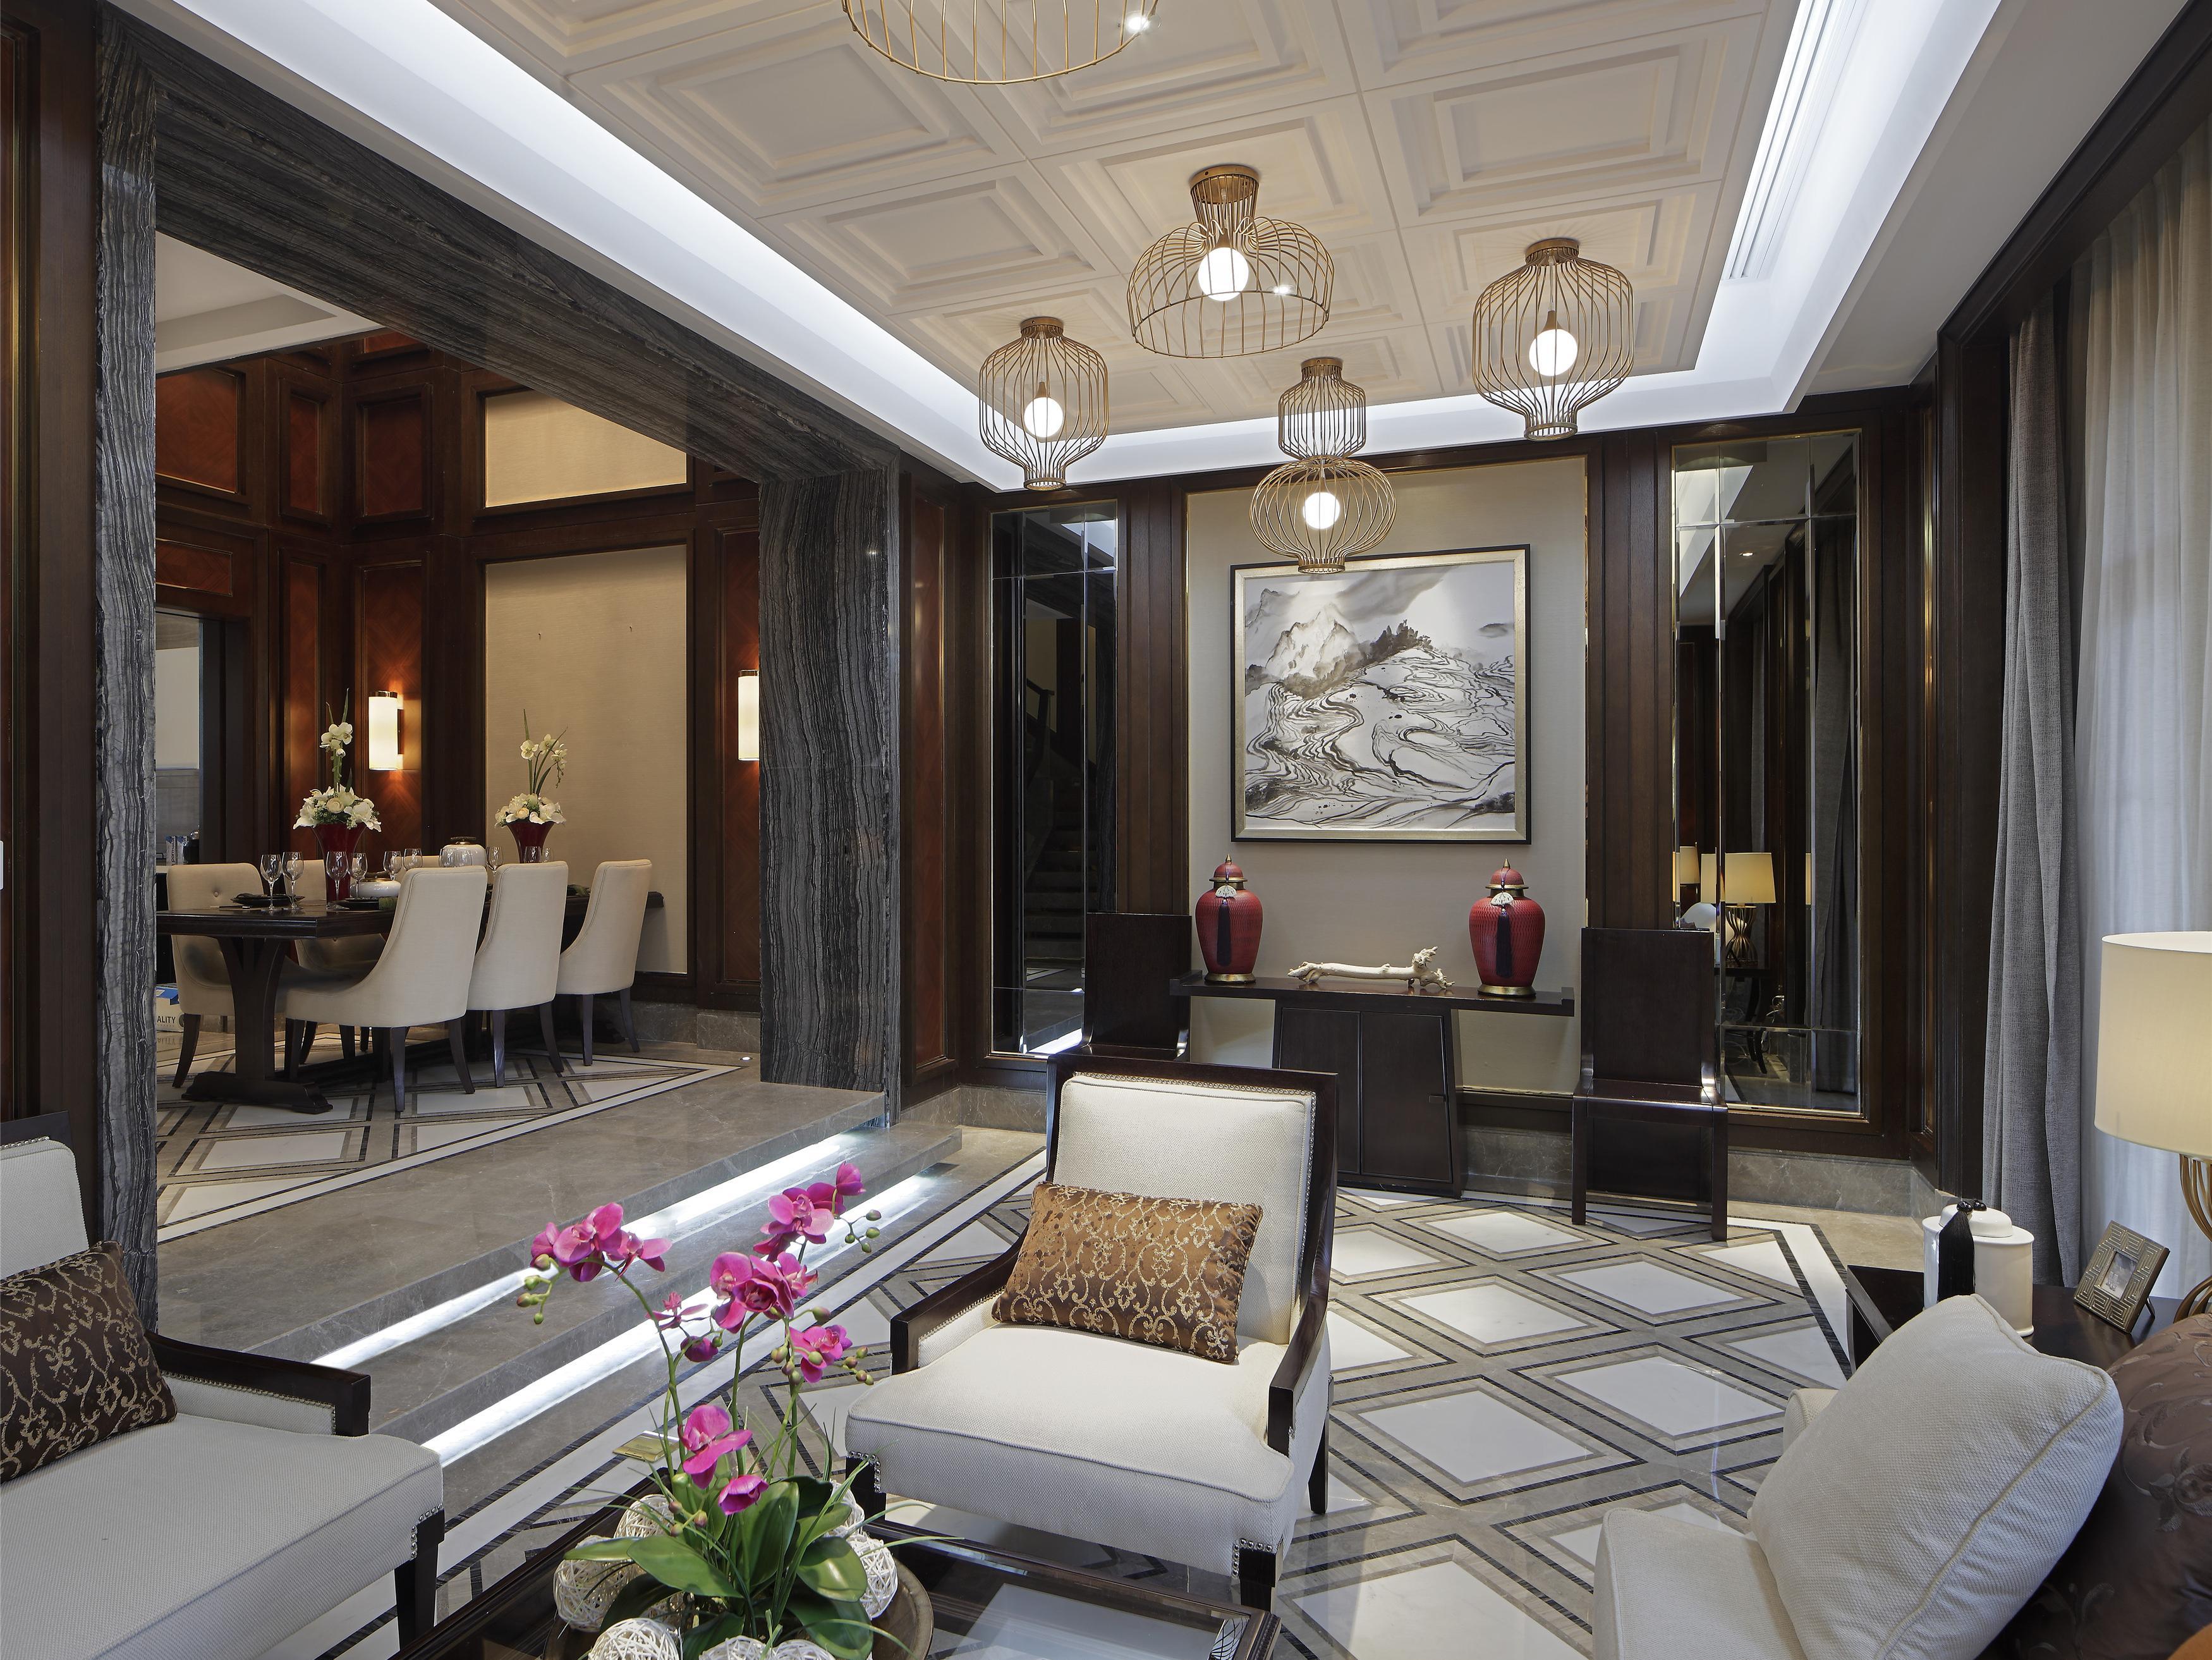 350㎡高端别墅装修,新中式风格,室内旋转楼梯图片